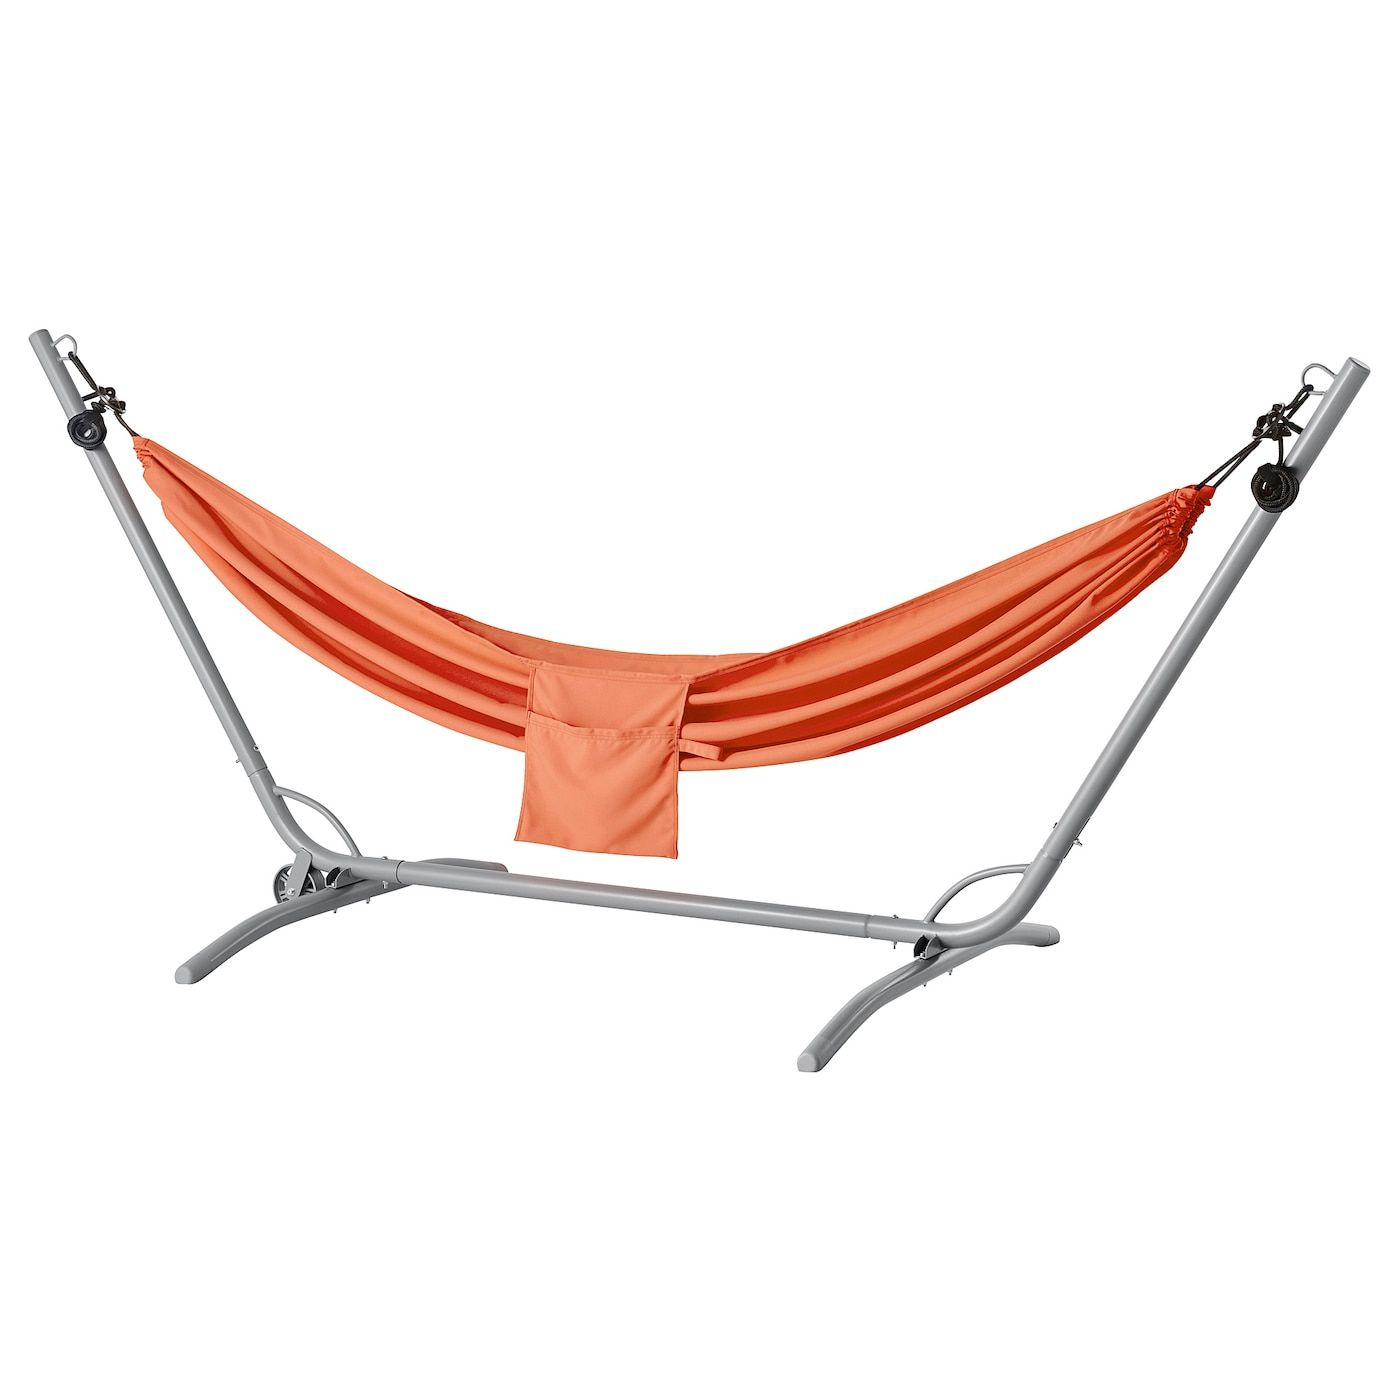 https://www.ikea.com/us/en/images/products/garoe-risoe-hammock